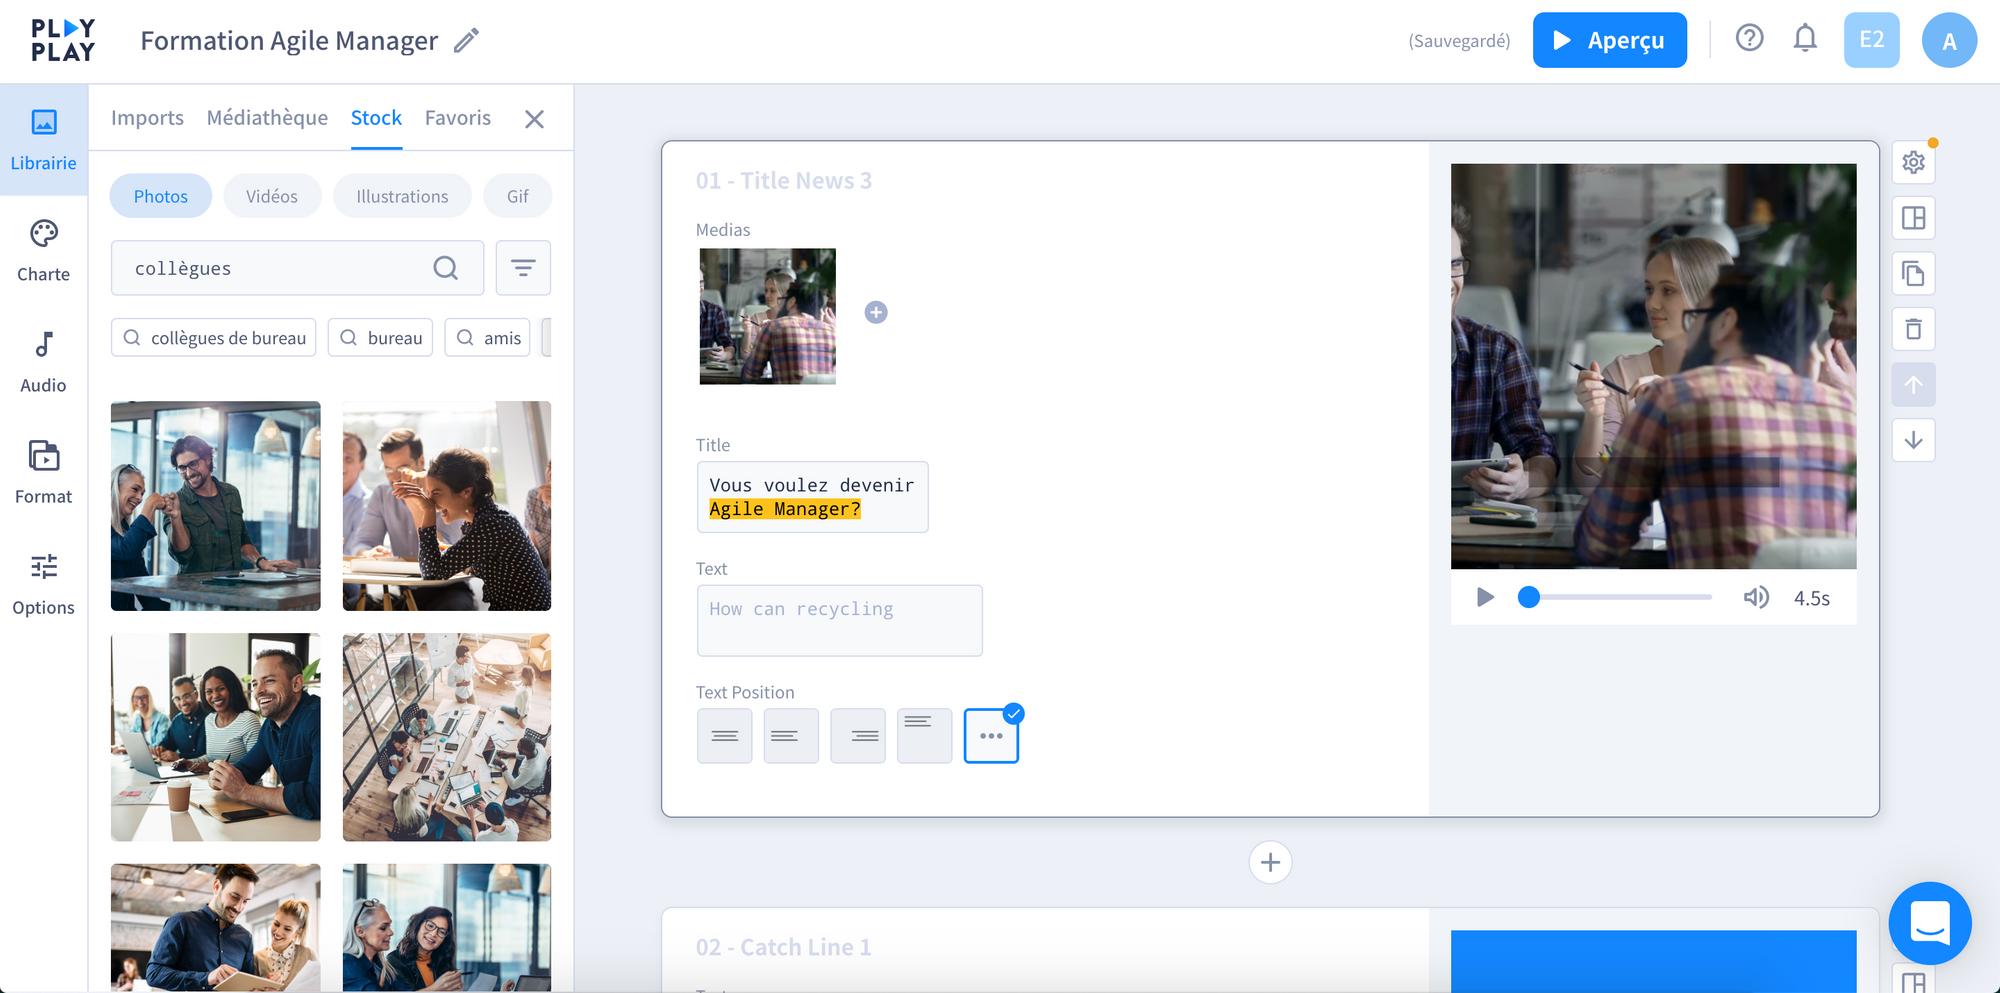 L'expérience de recherche Getty Images sur PlayPlay